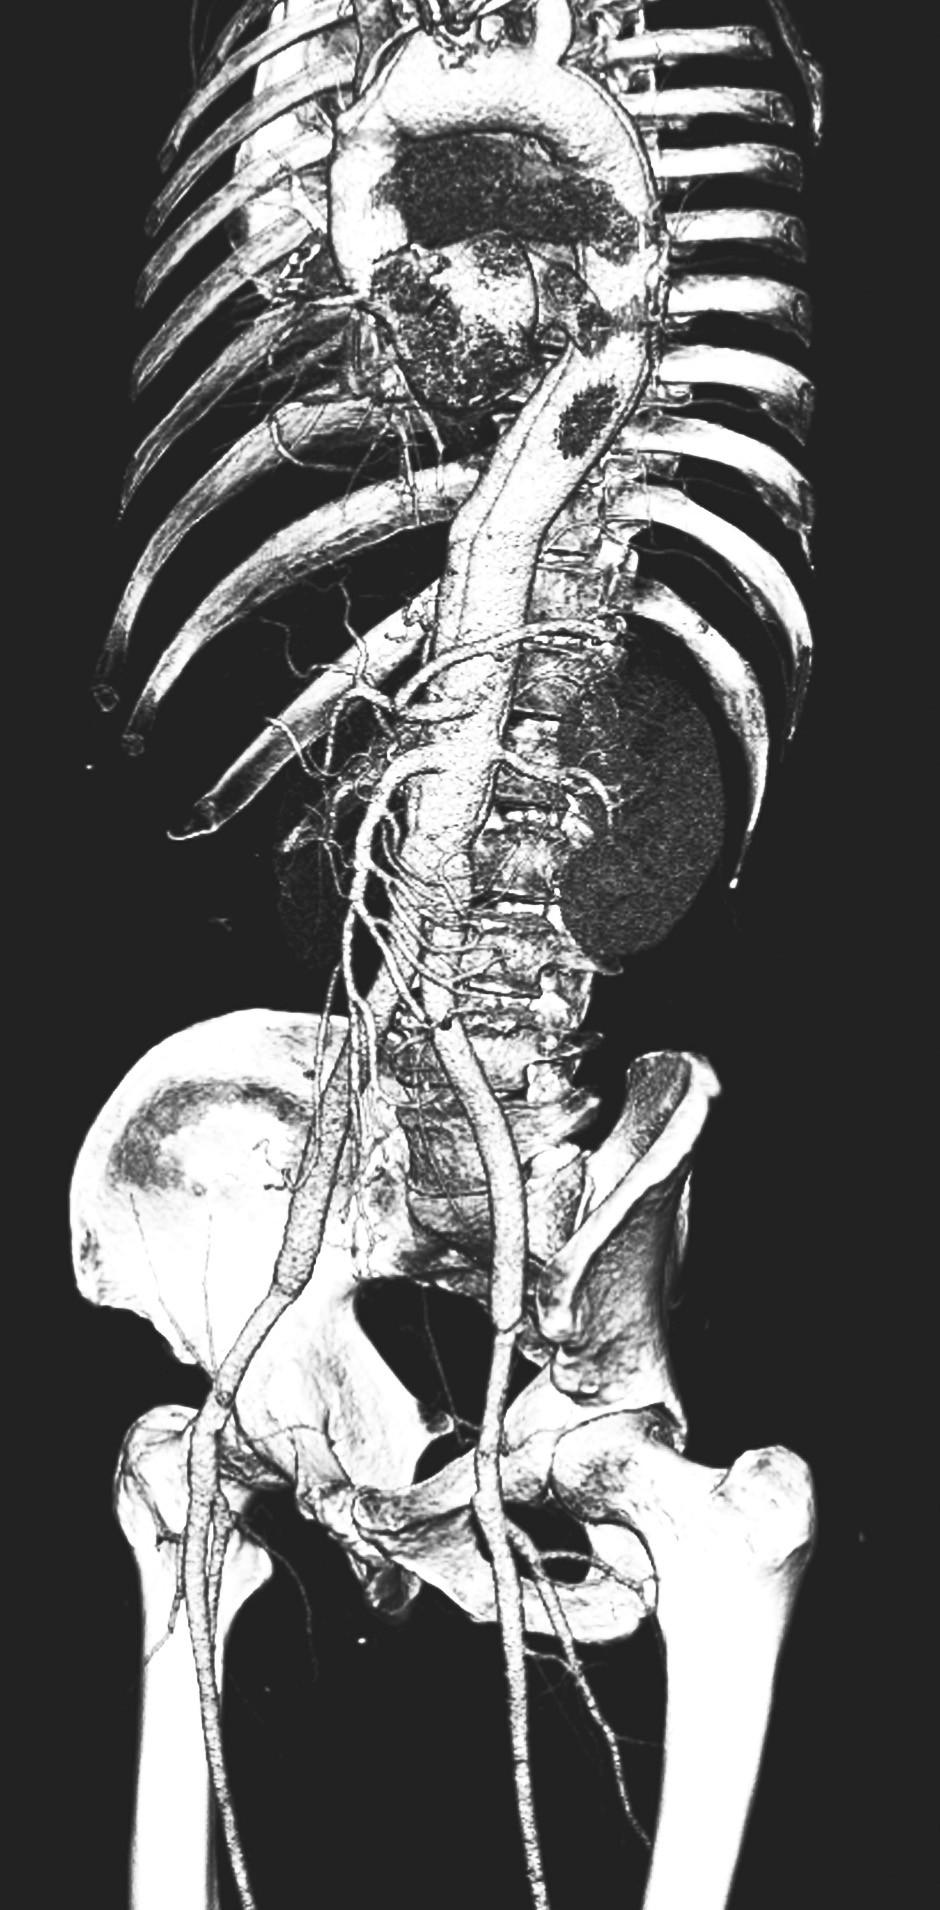 CTAkontrola rok po resekci subrenální aorty technikou aortální fenestrace s ABI rekonstrukcí Pic. 17. A CTA check up a year after the resection of the subrenal aorta using the technique of aortic fenestration with ABI reconstruction